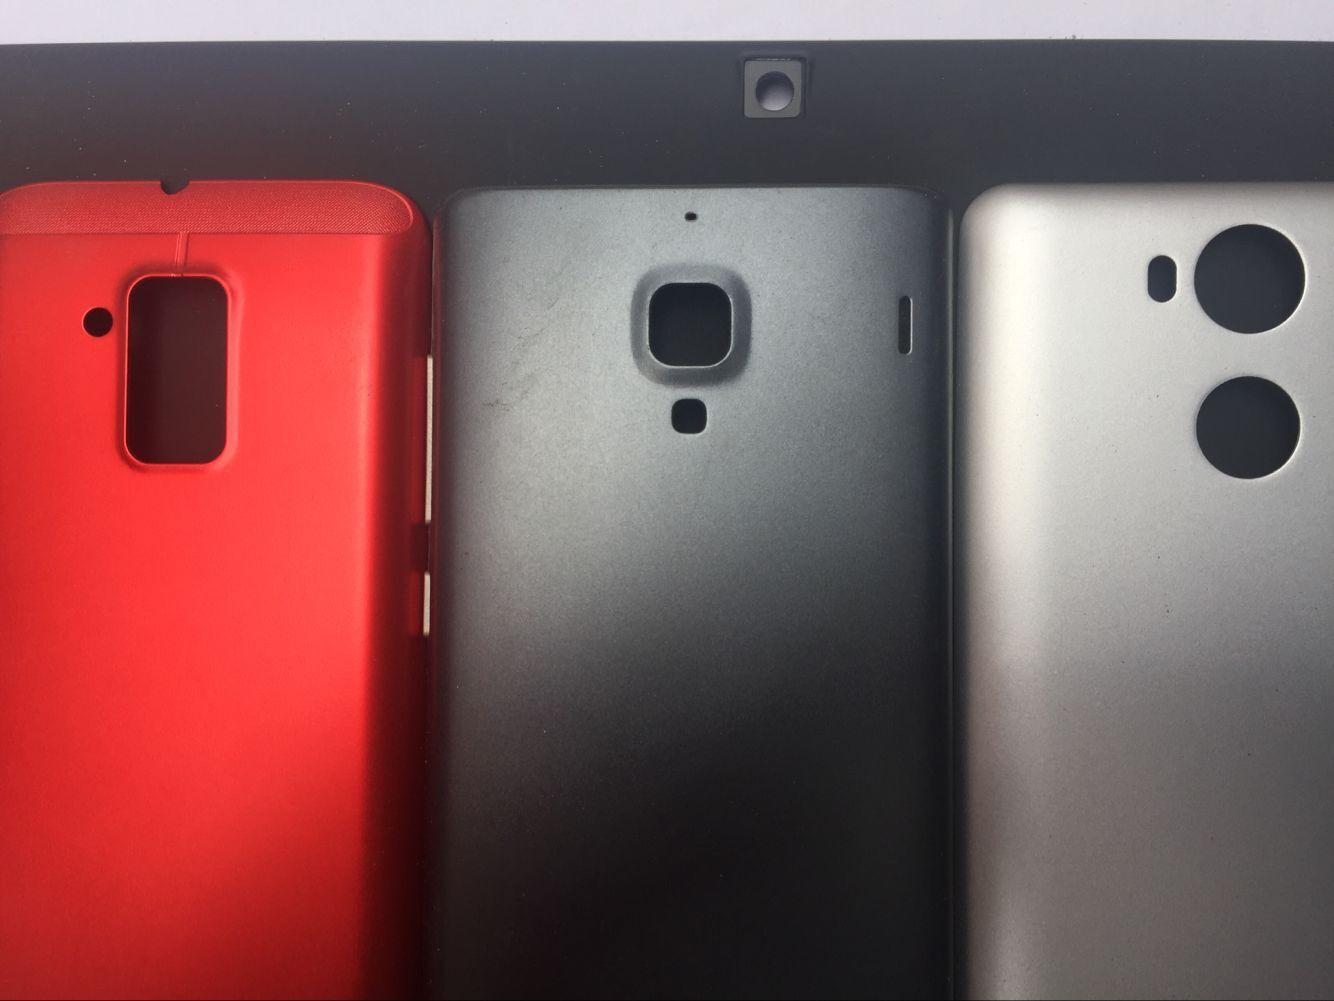 手机壳加工 手机护套加工 手机LOGO精雕加工 深圳手机贴镍片,手机护套锣孔加工